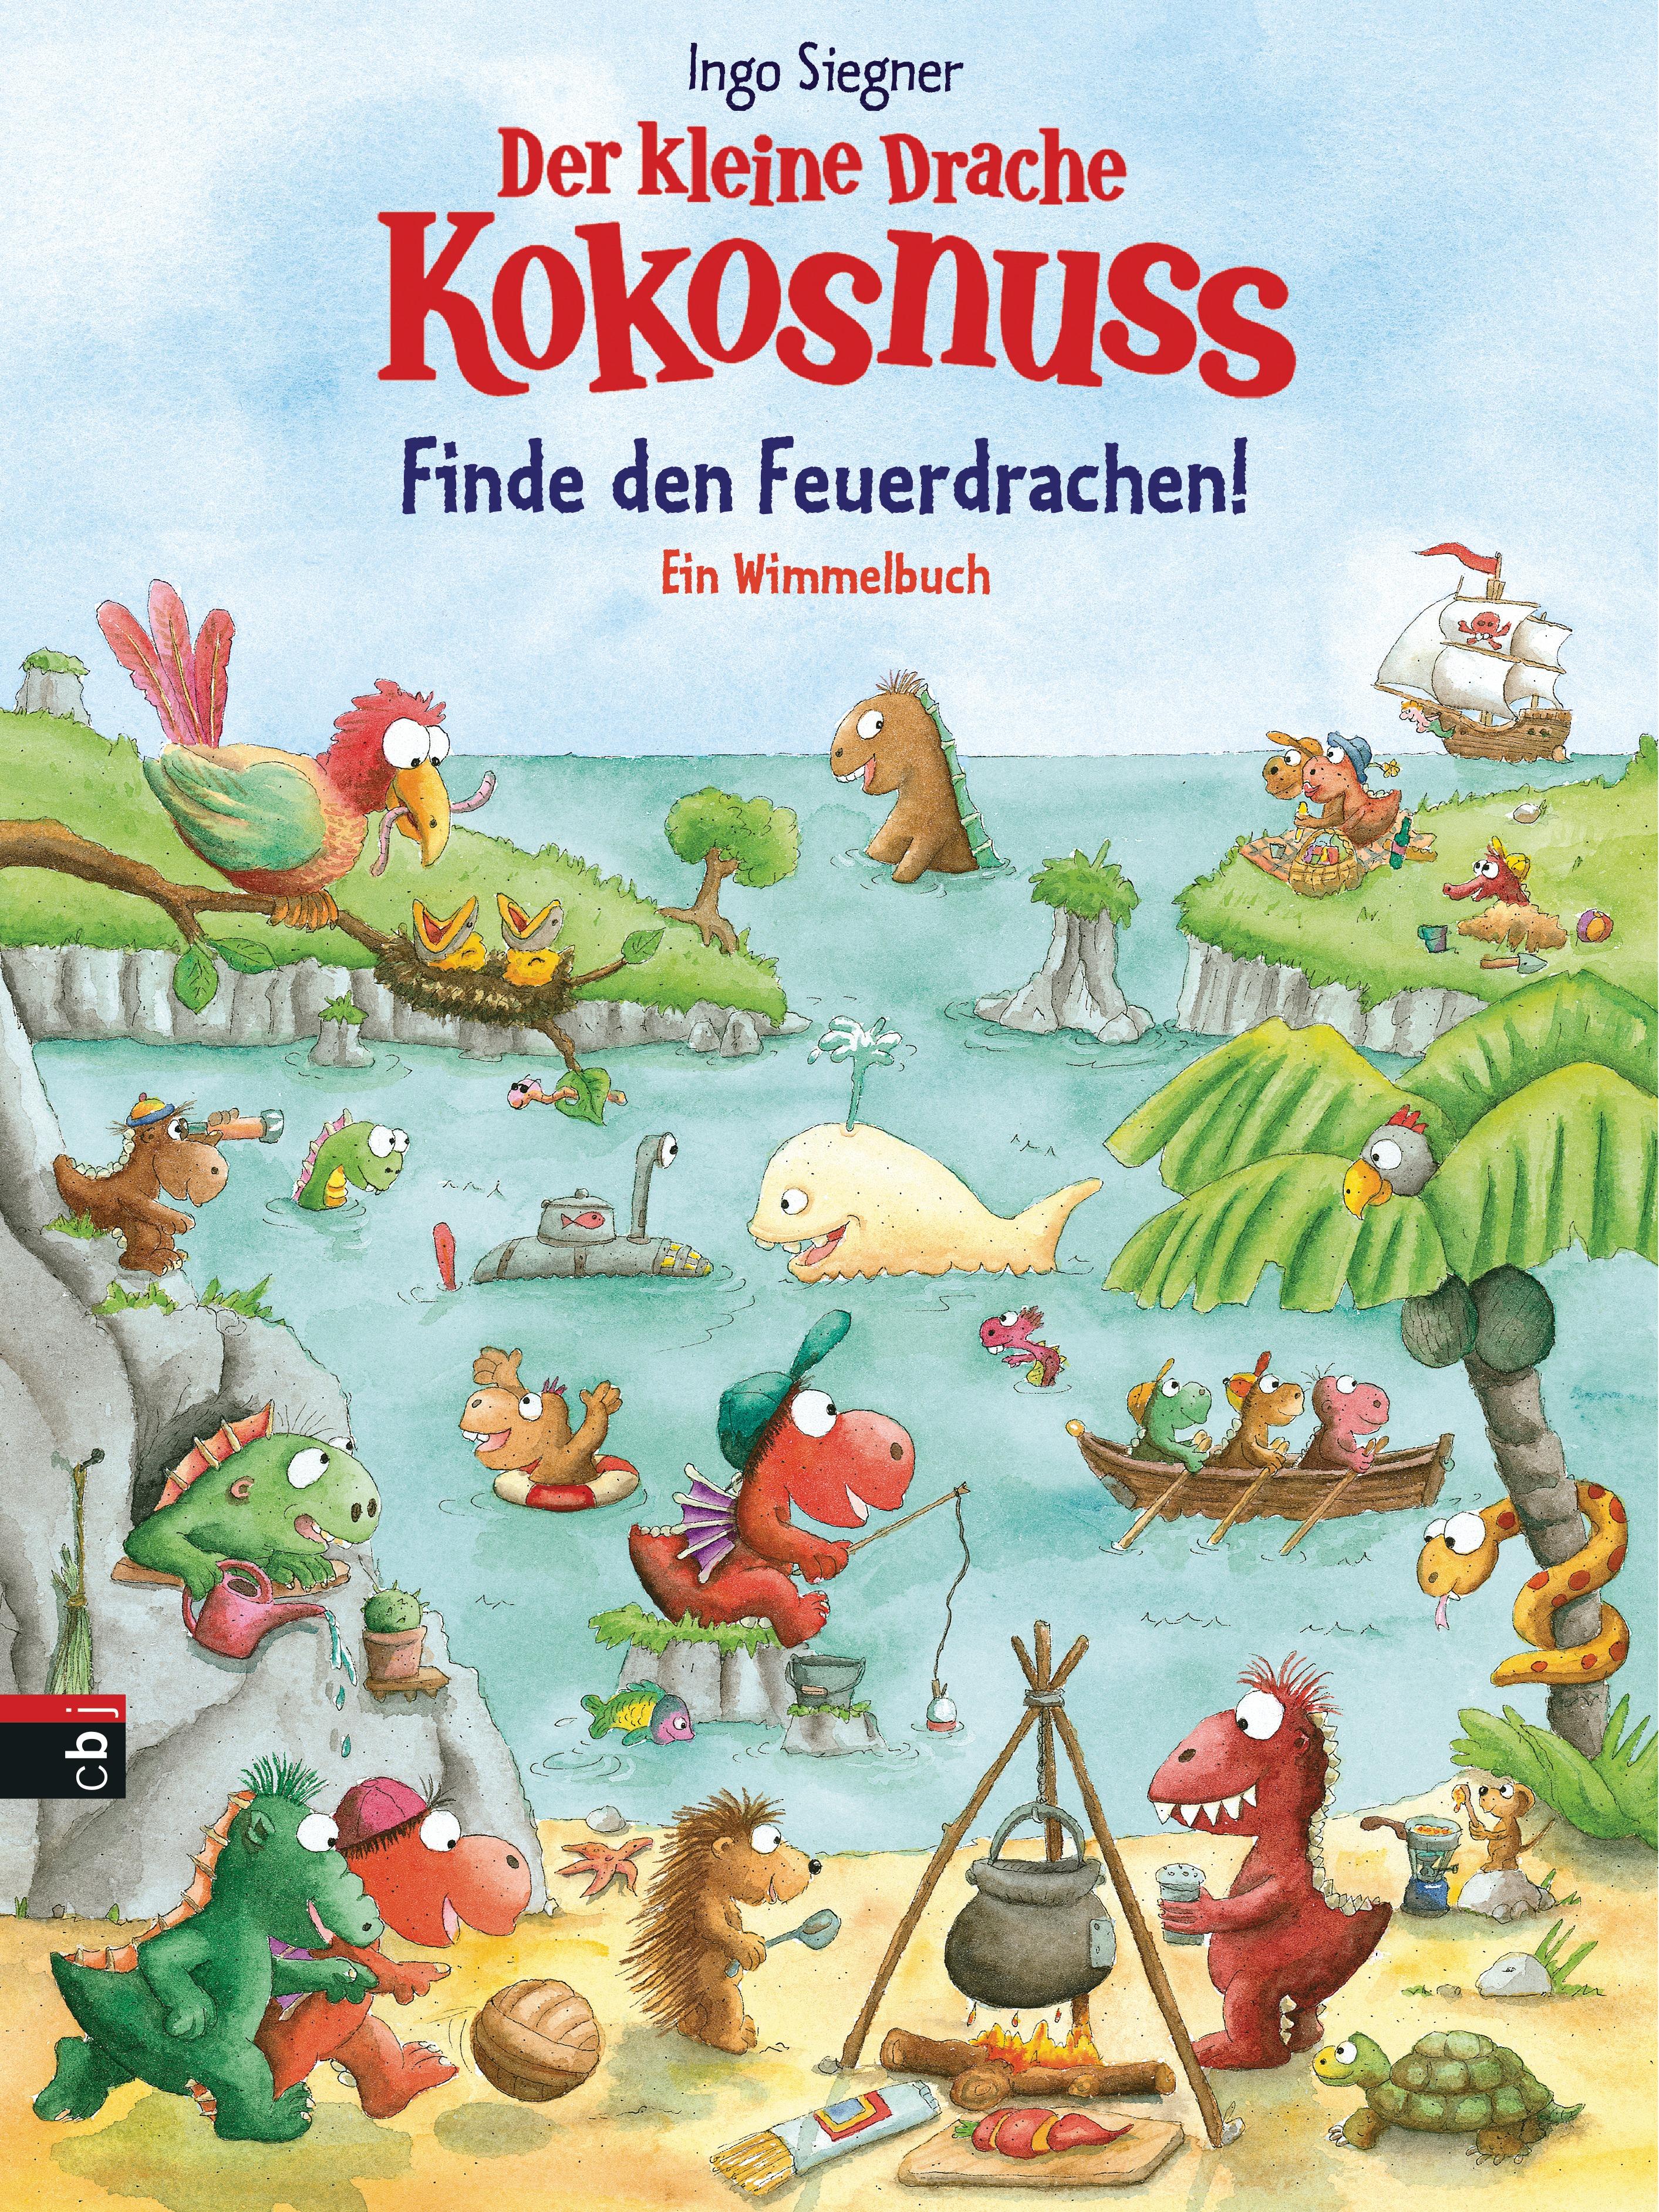 Der kleine Drache Kokosnuss - Finde den Feuerdrachen!: Ein Wimmelbuch (Spie ...